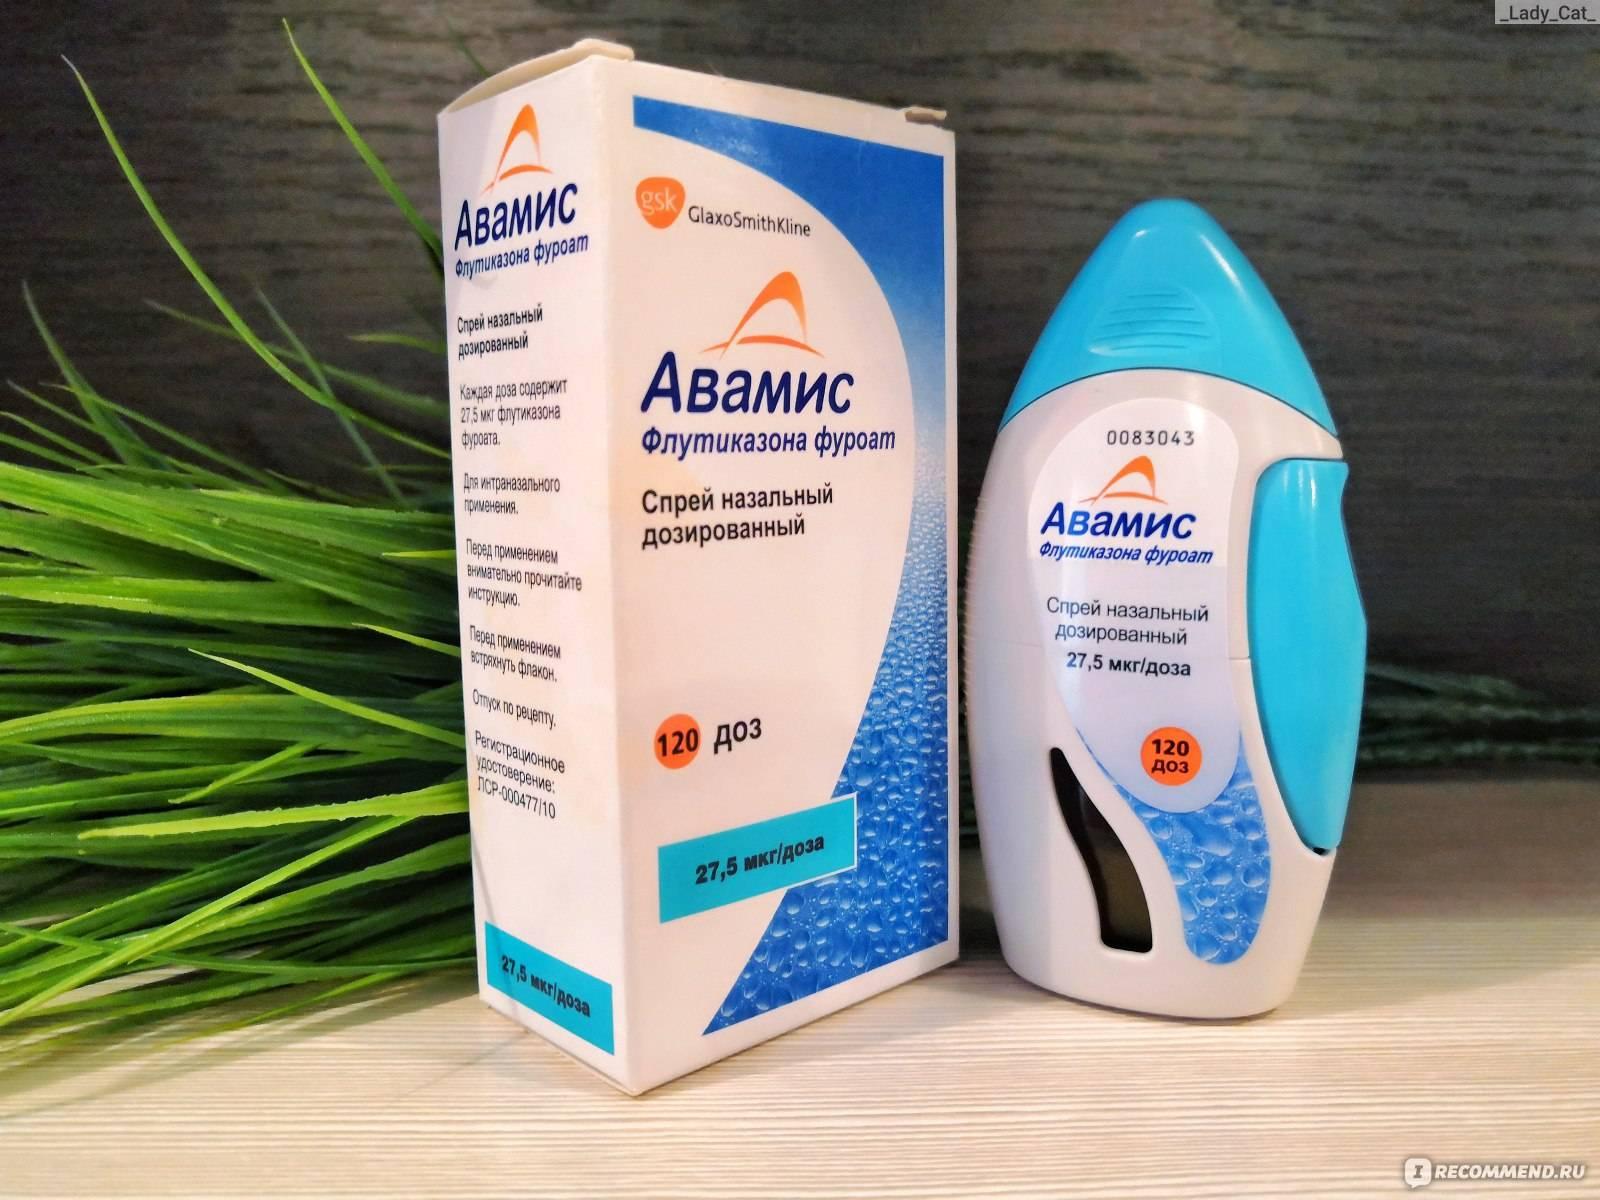 Спреи от аллергического ринита в нос — названия противоаллергических препаратов